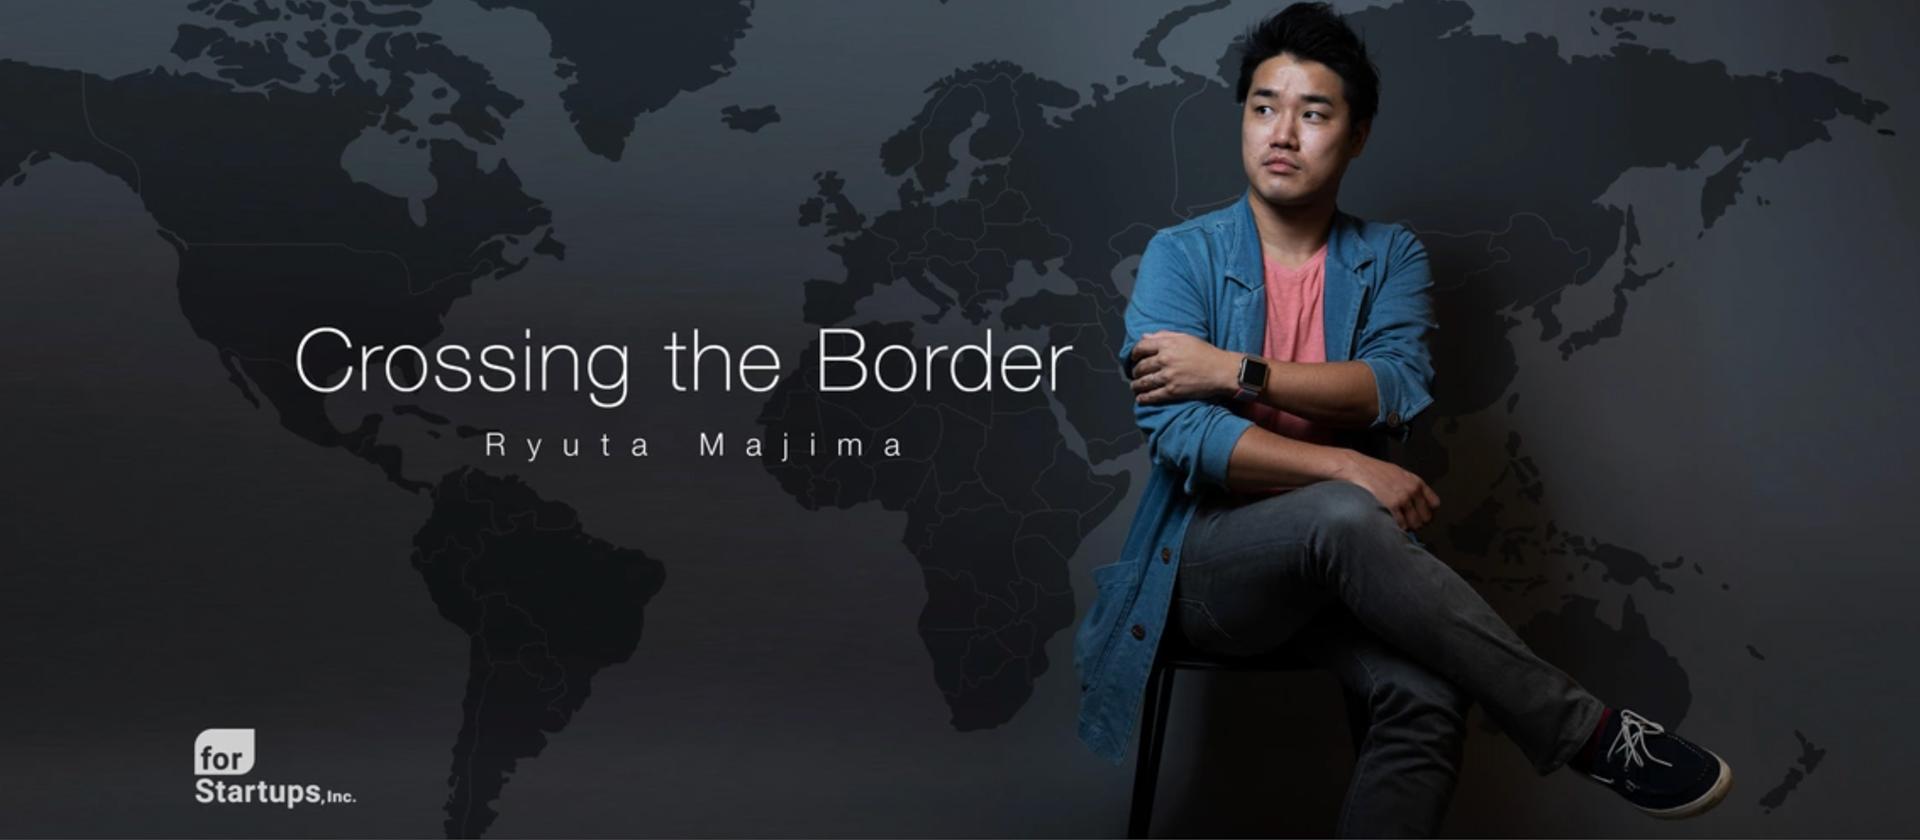 海外育ちのバックグラウンドを活かし、日本のスタートアップと世界の架け橋に!